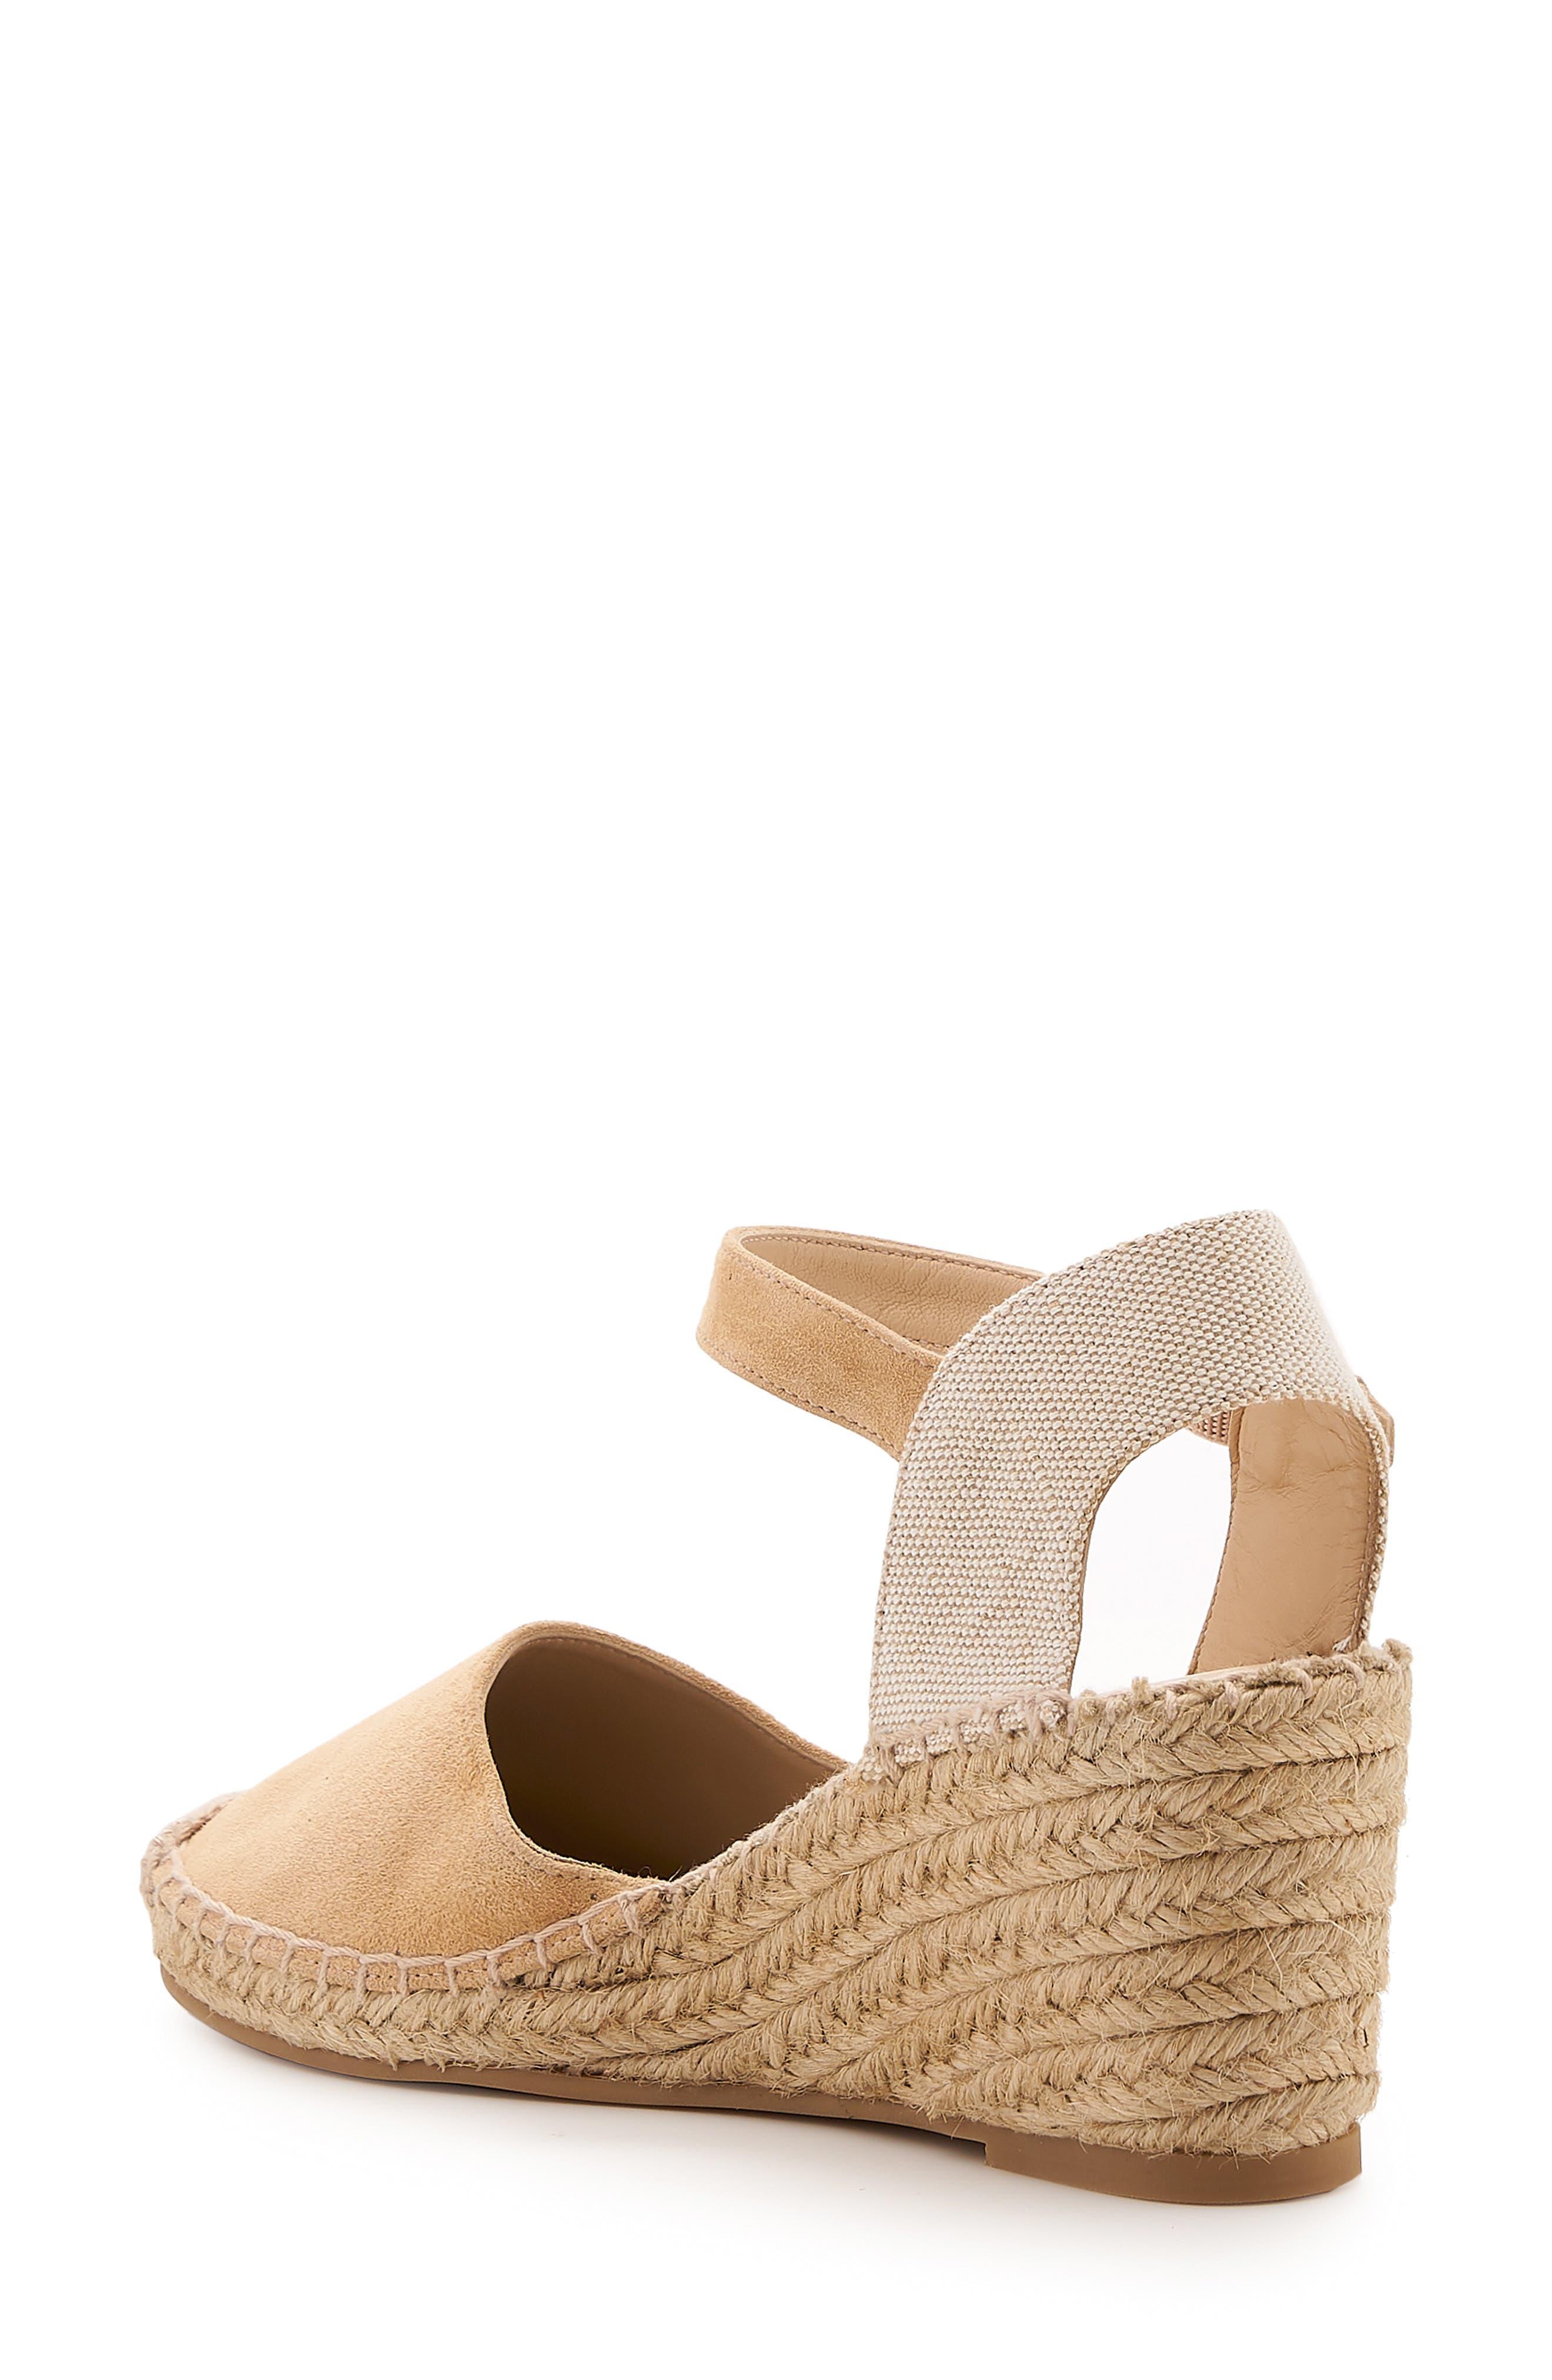 9b8837d3c33 Women s Botkier Shoes